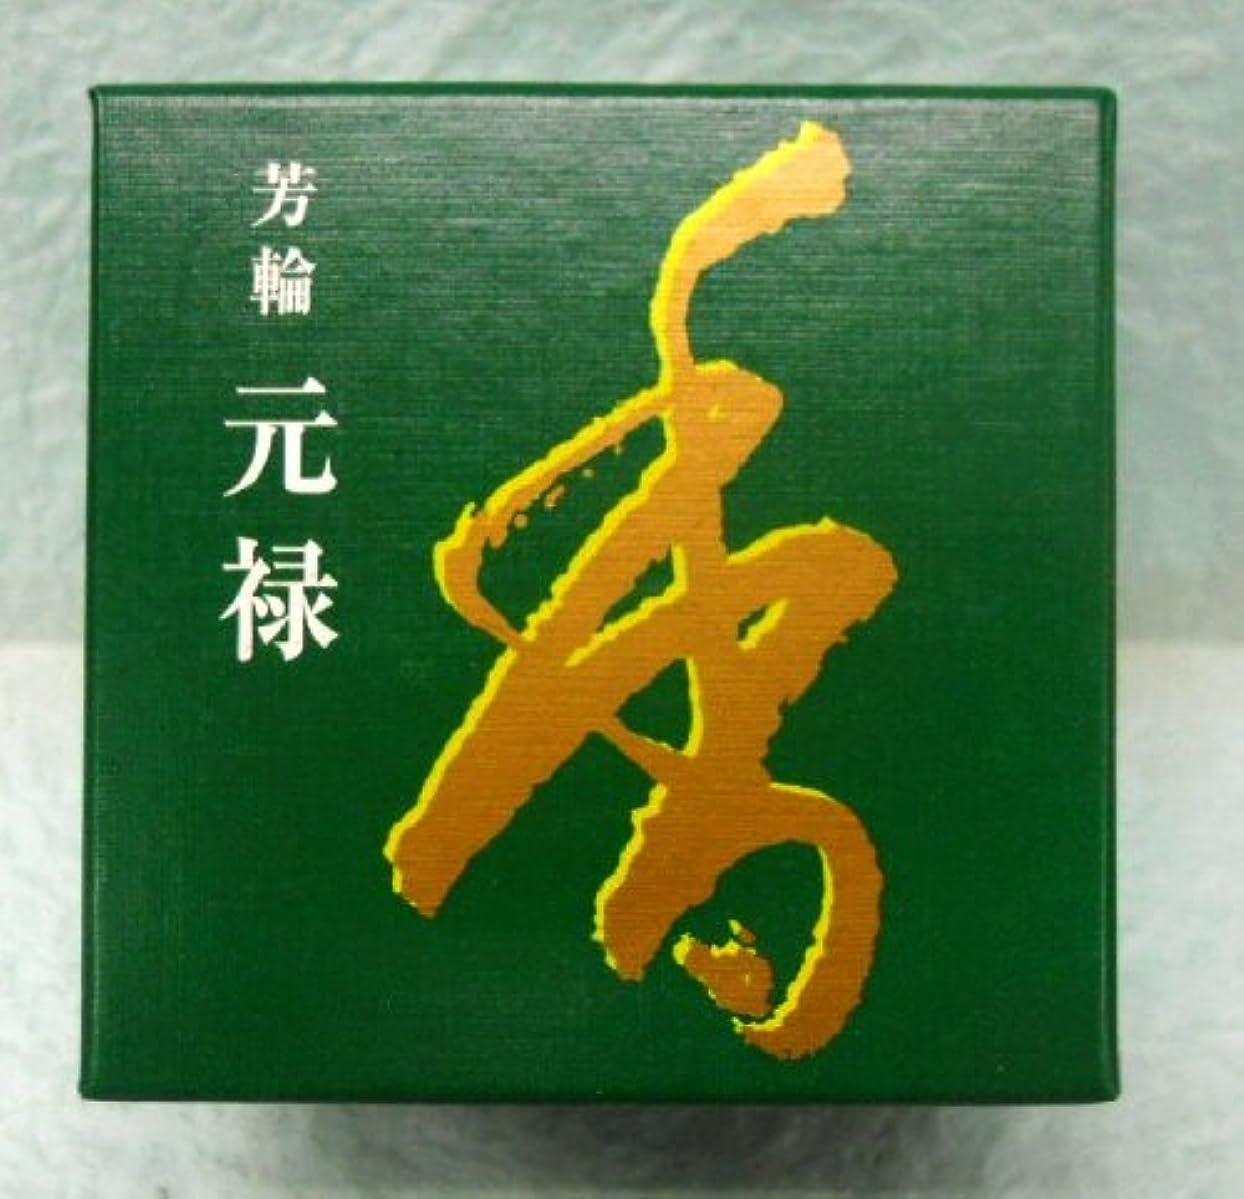 インタフェースお酢インタフェース《茶道具?お香》お香 芳輪?元禄 渦巻10枚 松栄堂製 (時間指定可)